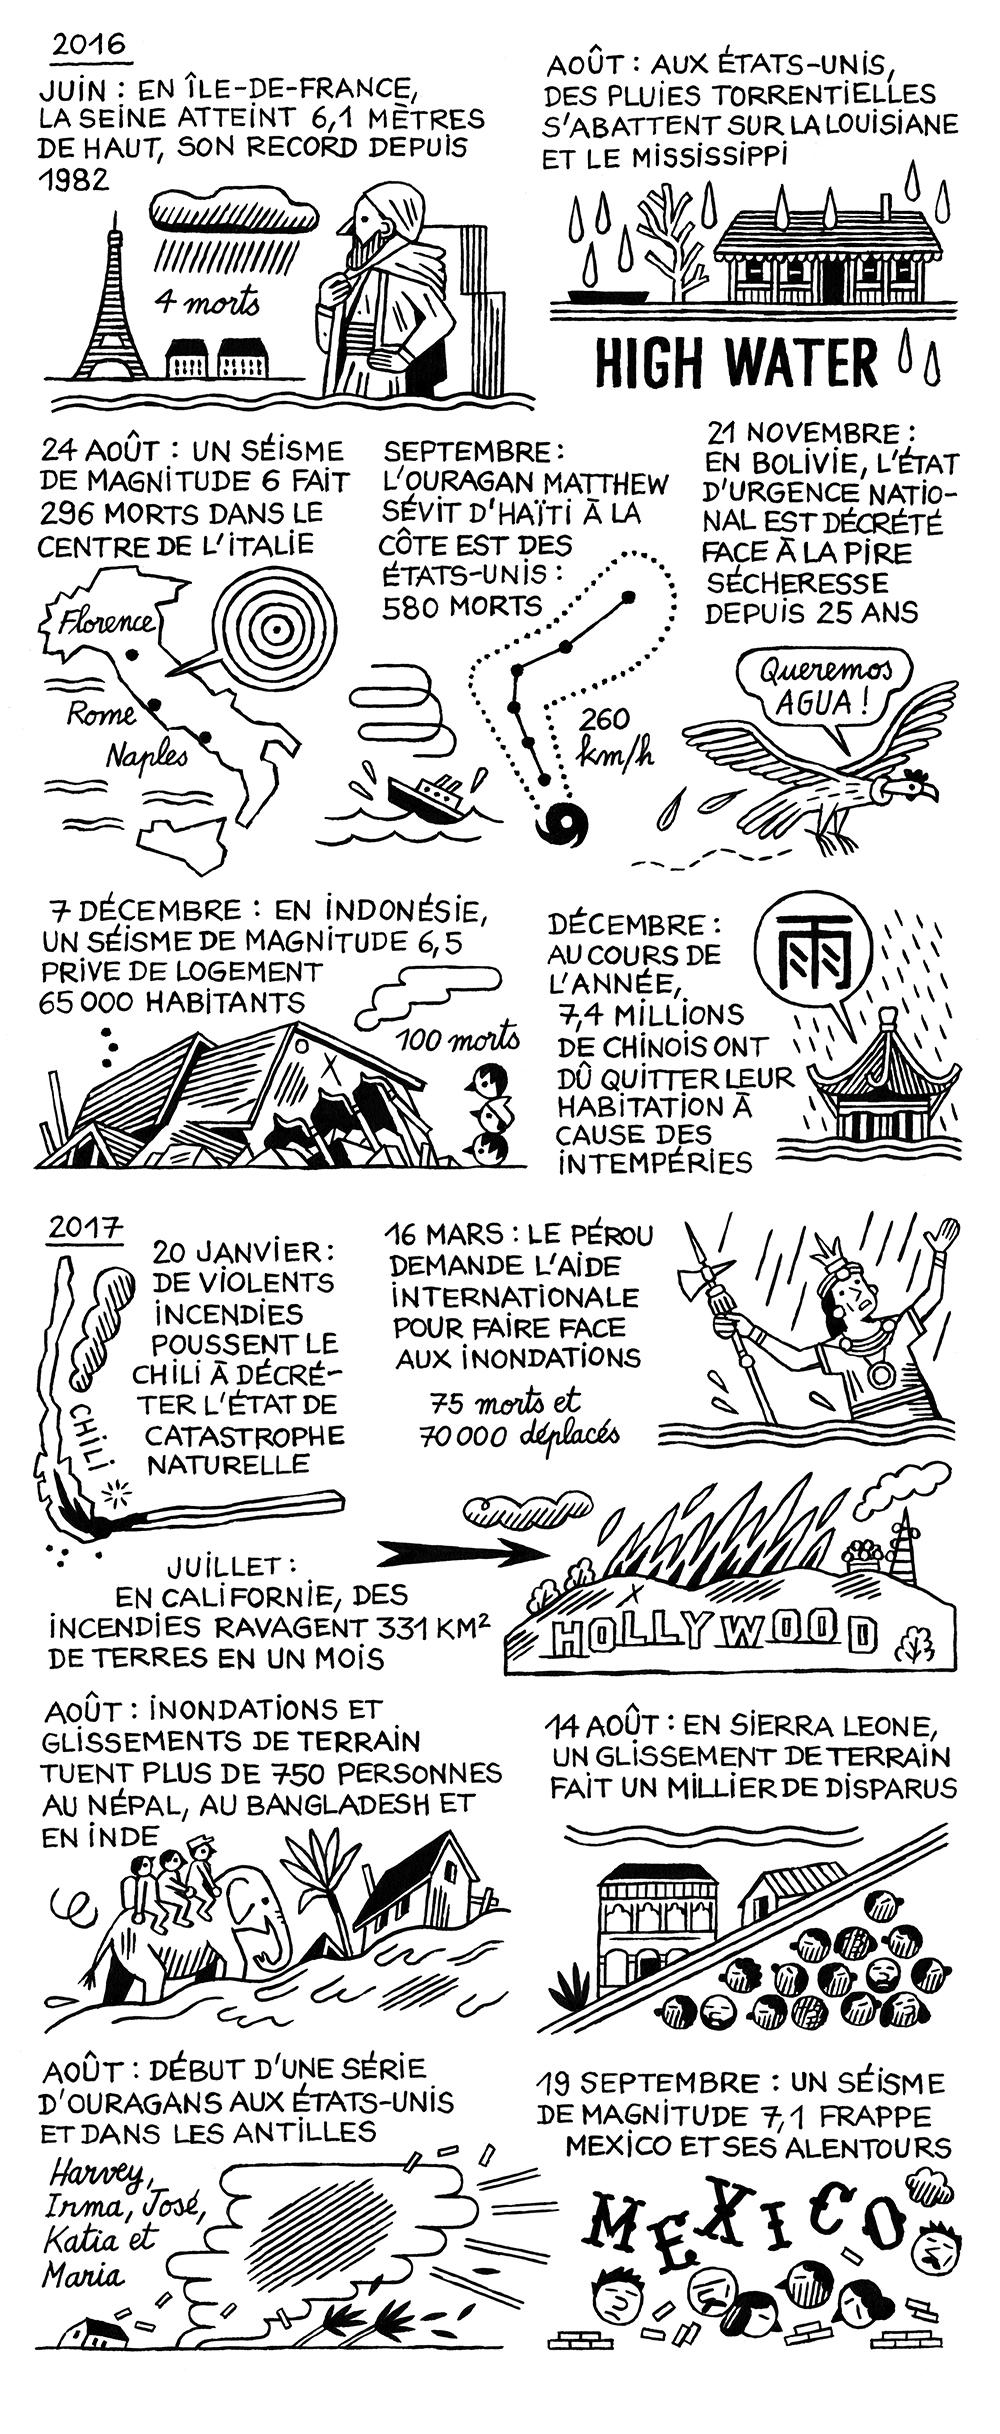 Conception et documentation MANON PAULIC et MANON ESPÉRANDIEU